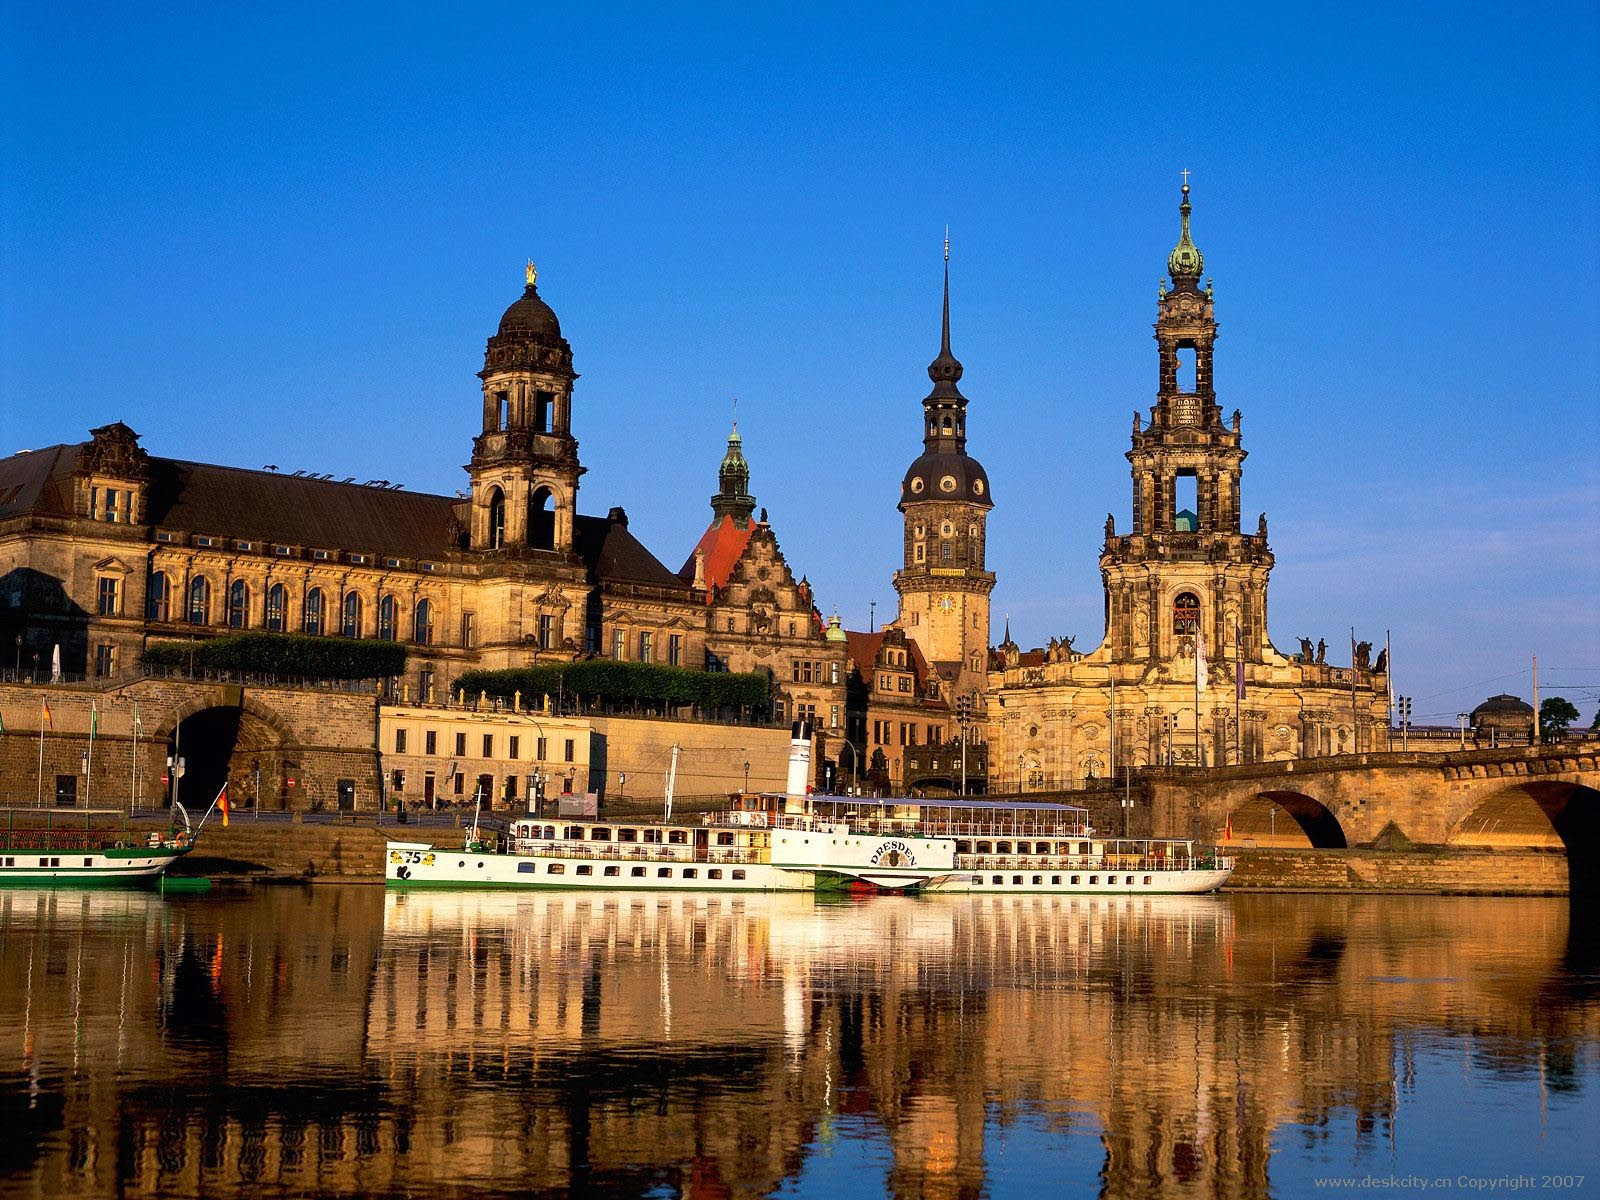 Download 6000 Wallpaper Pemandangan Jerman Gambar Gratis Terbaik